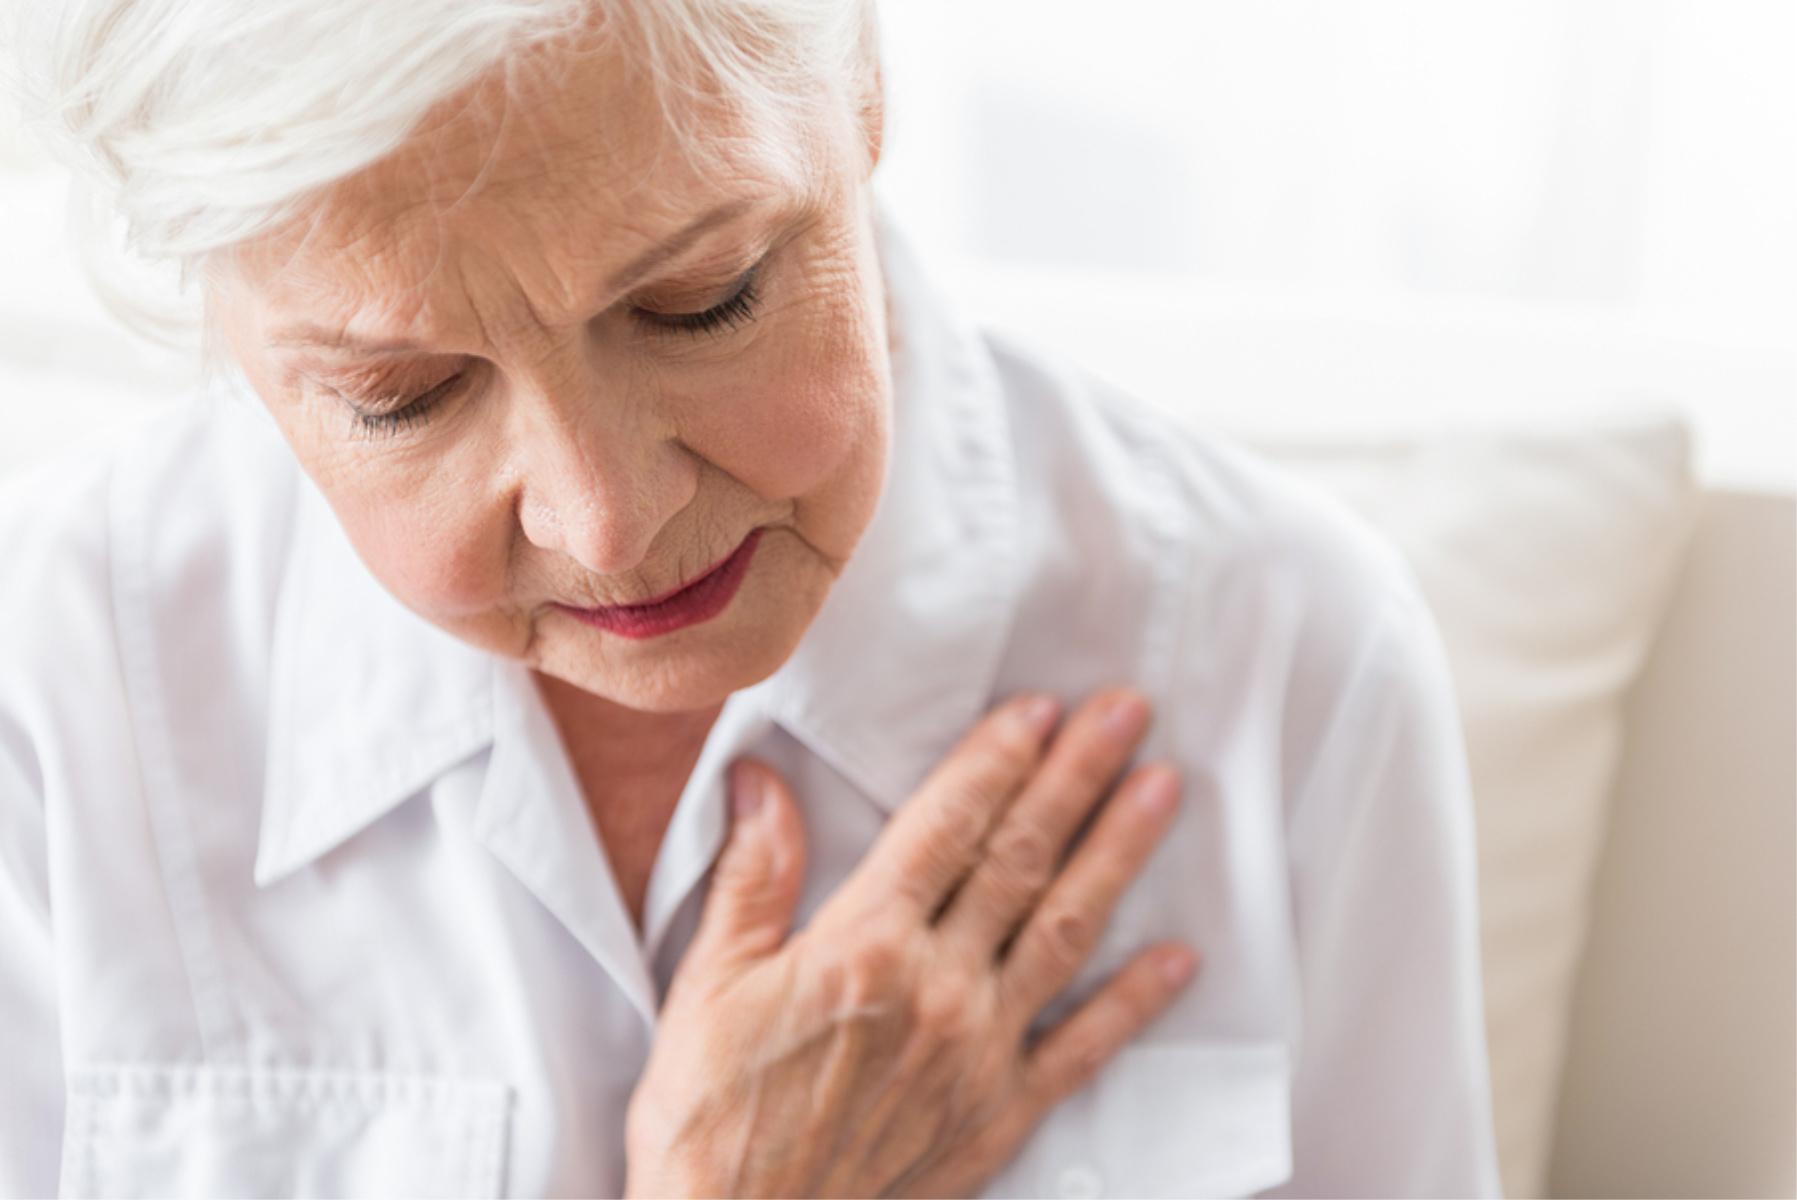 Home Health Care in Studio City CA: Women Heart Attack Symptoms